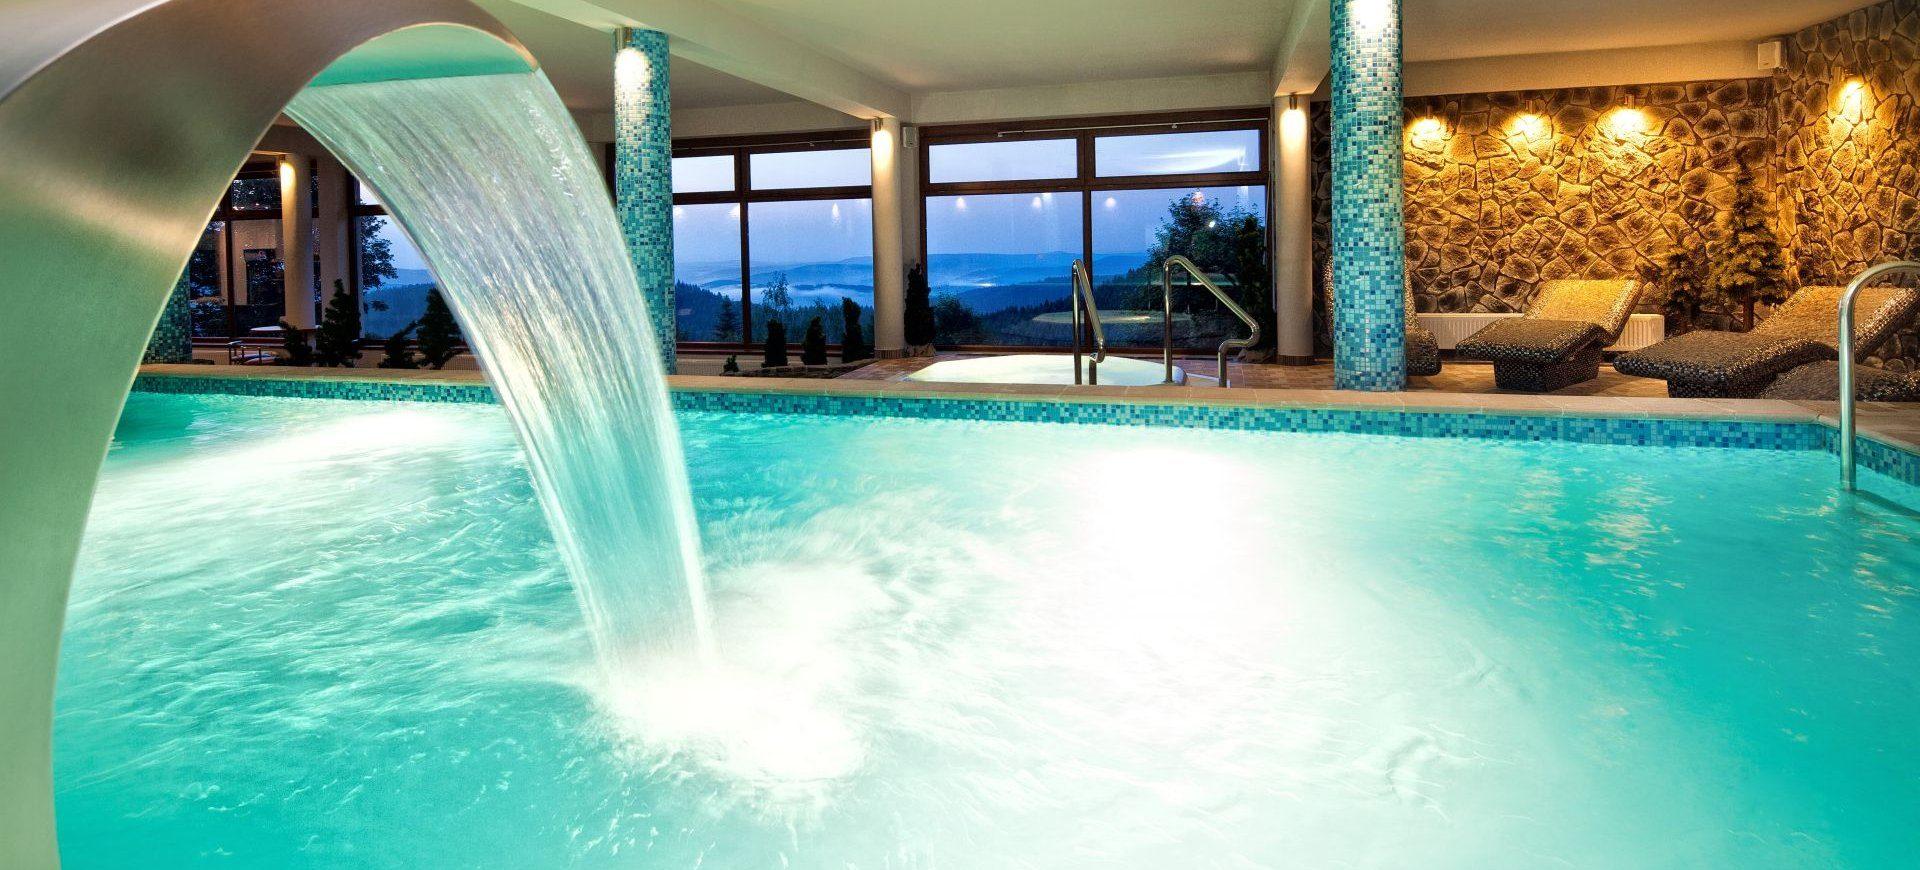 Hotel Beskidzki Raj*** Wellness & SPA, Stryszawa, Zawoja